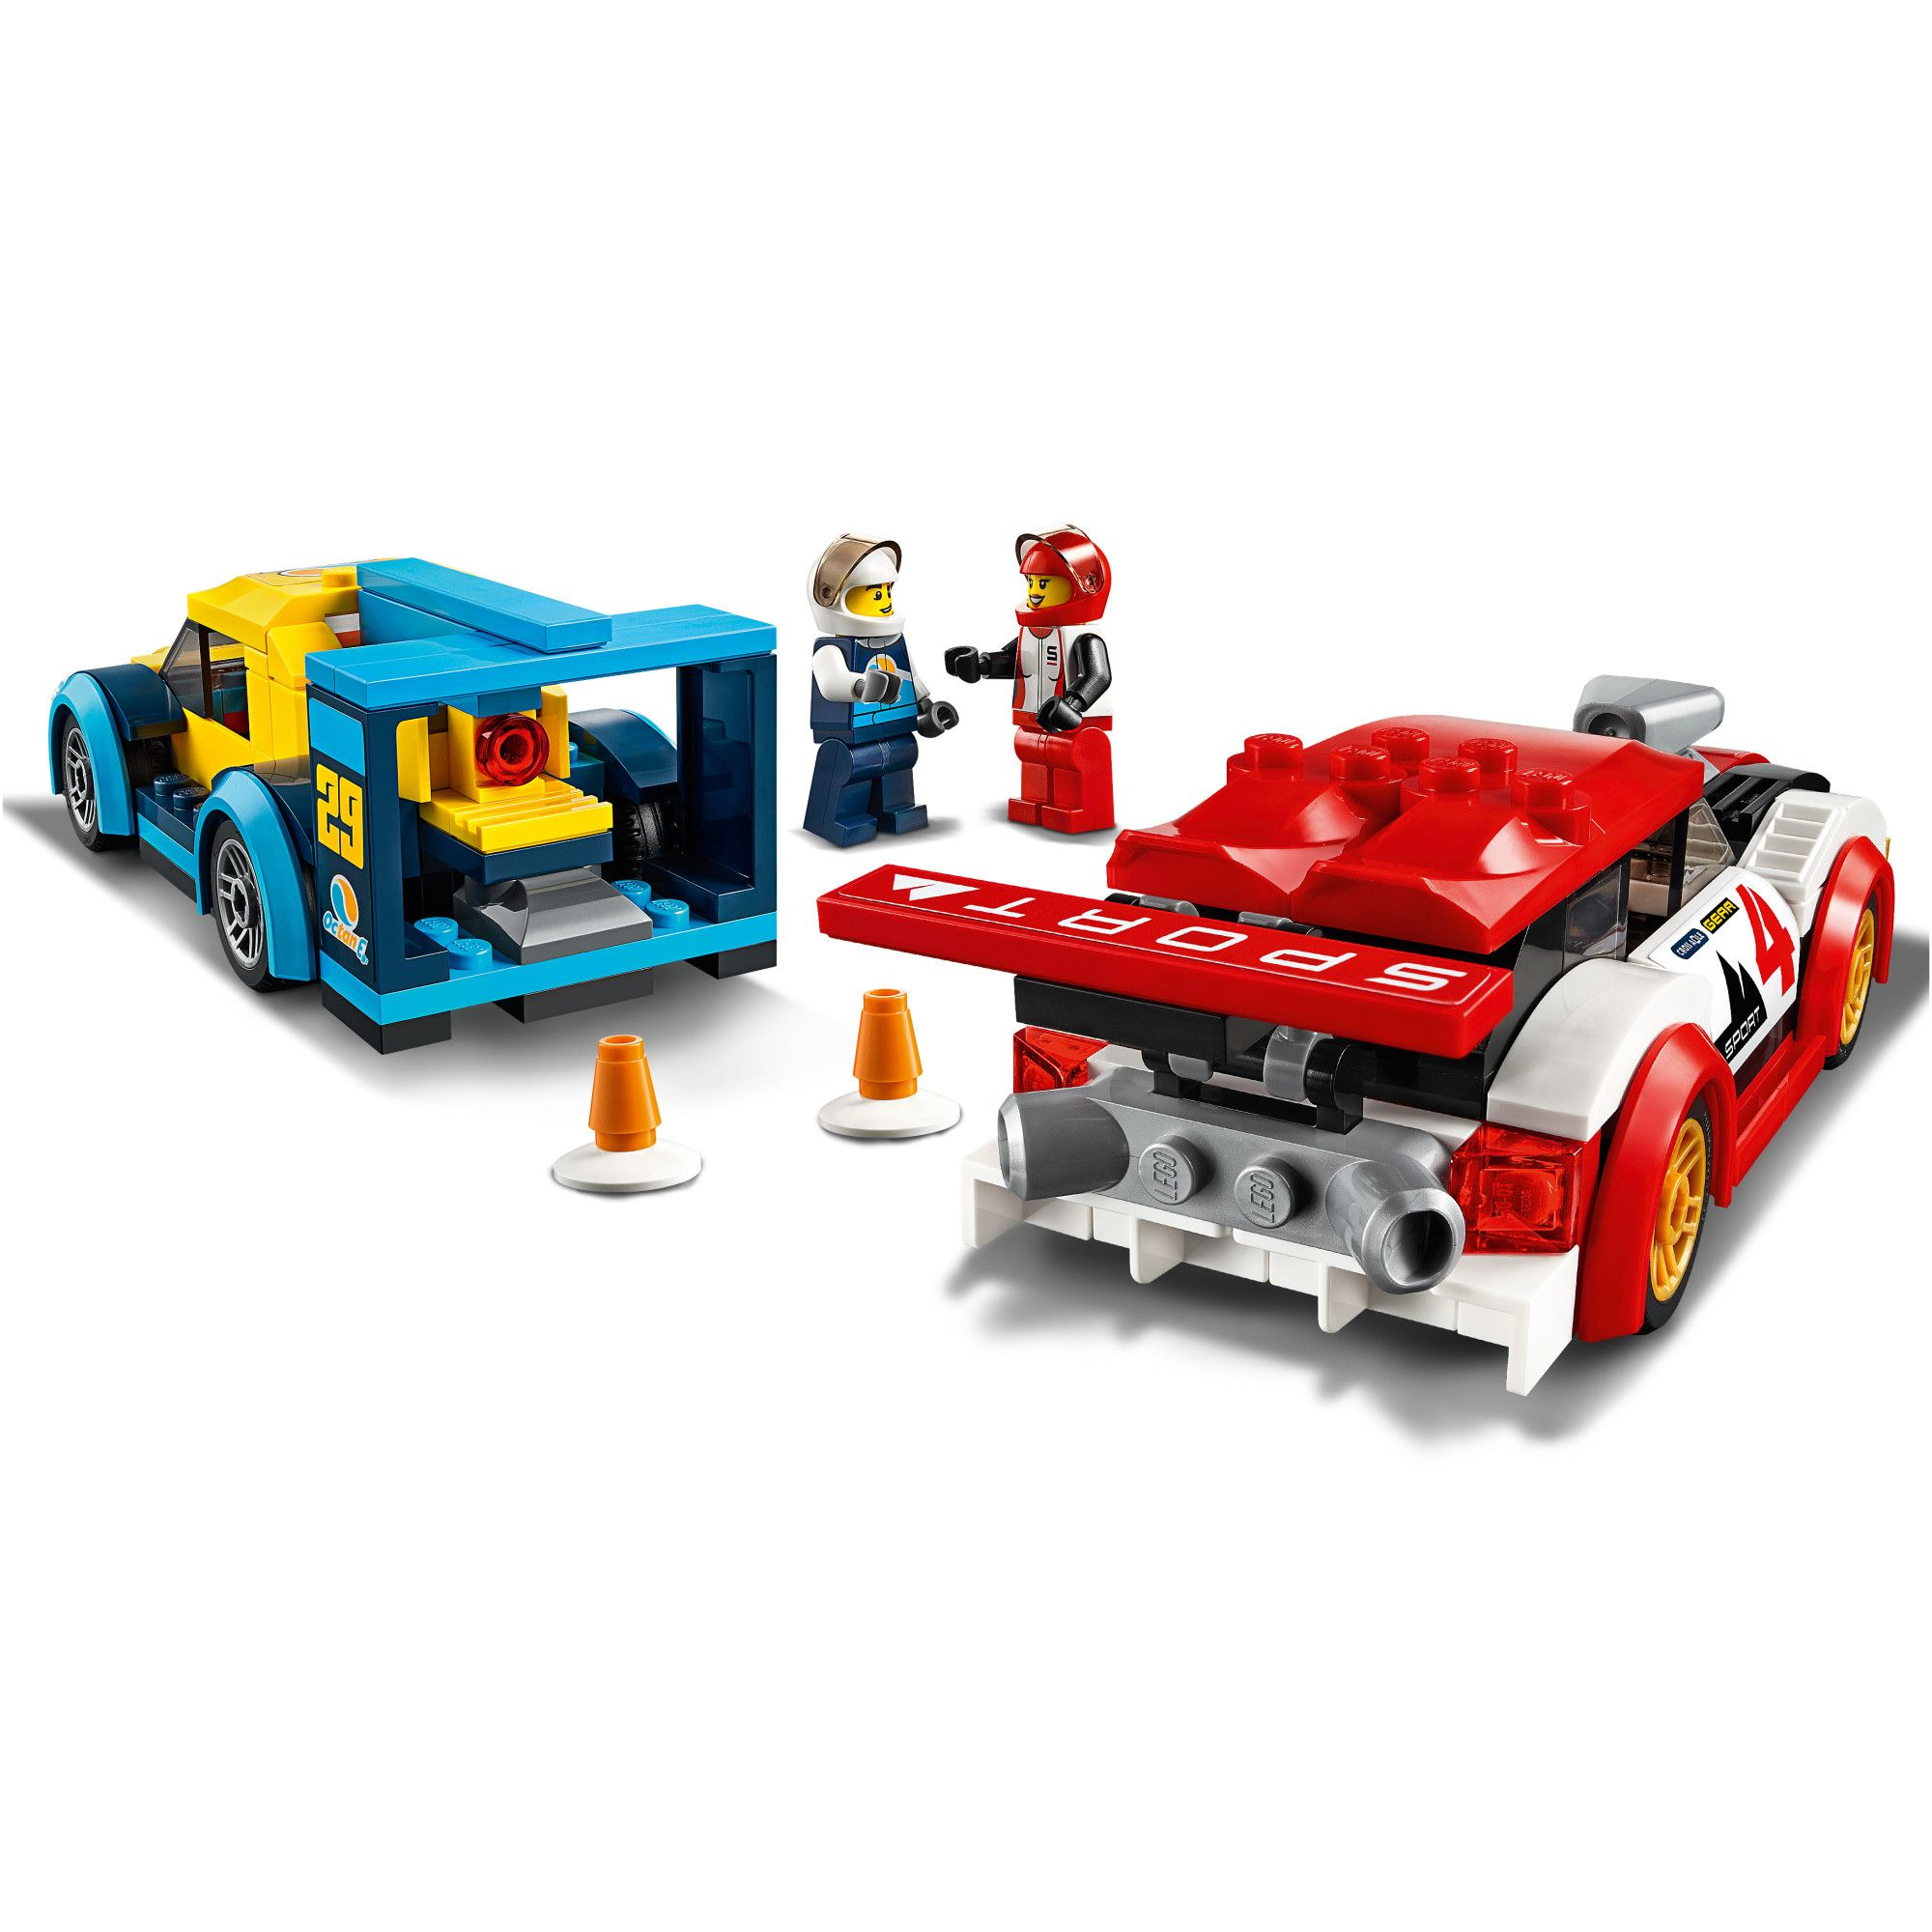 Masini de curse (60256) | LEGO - 2